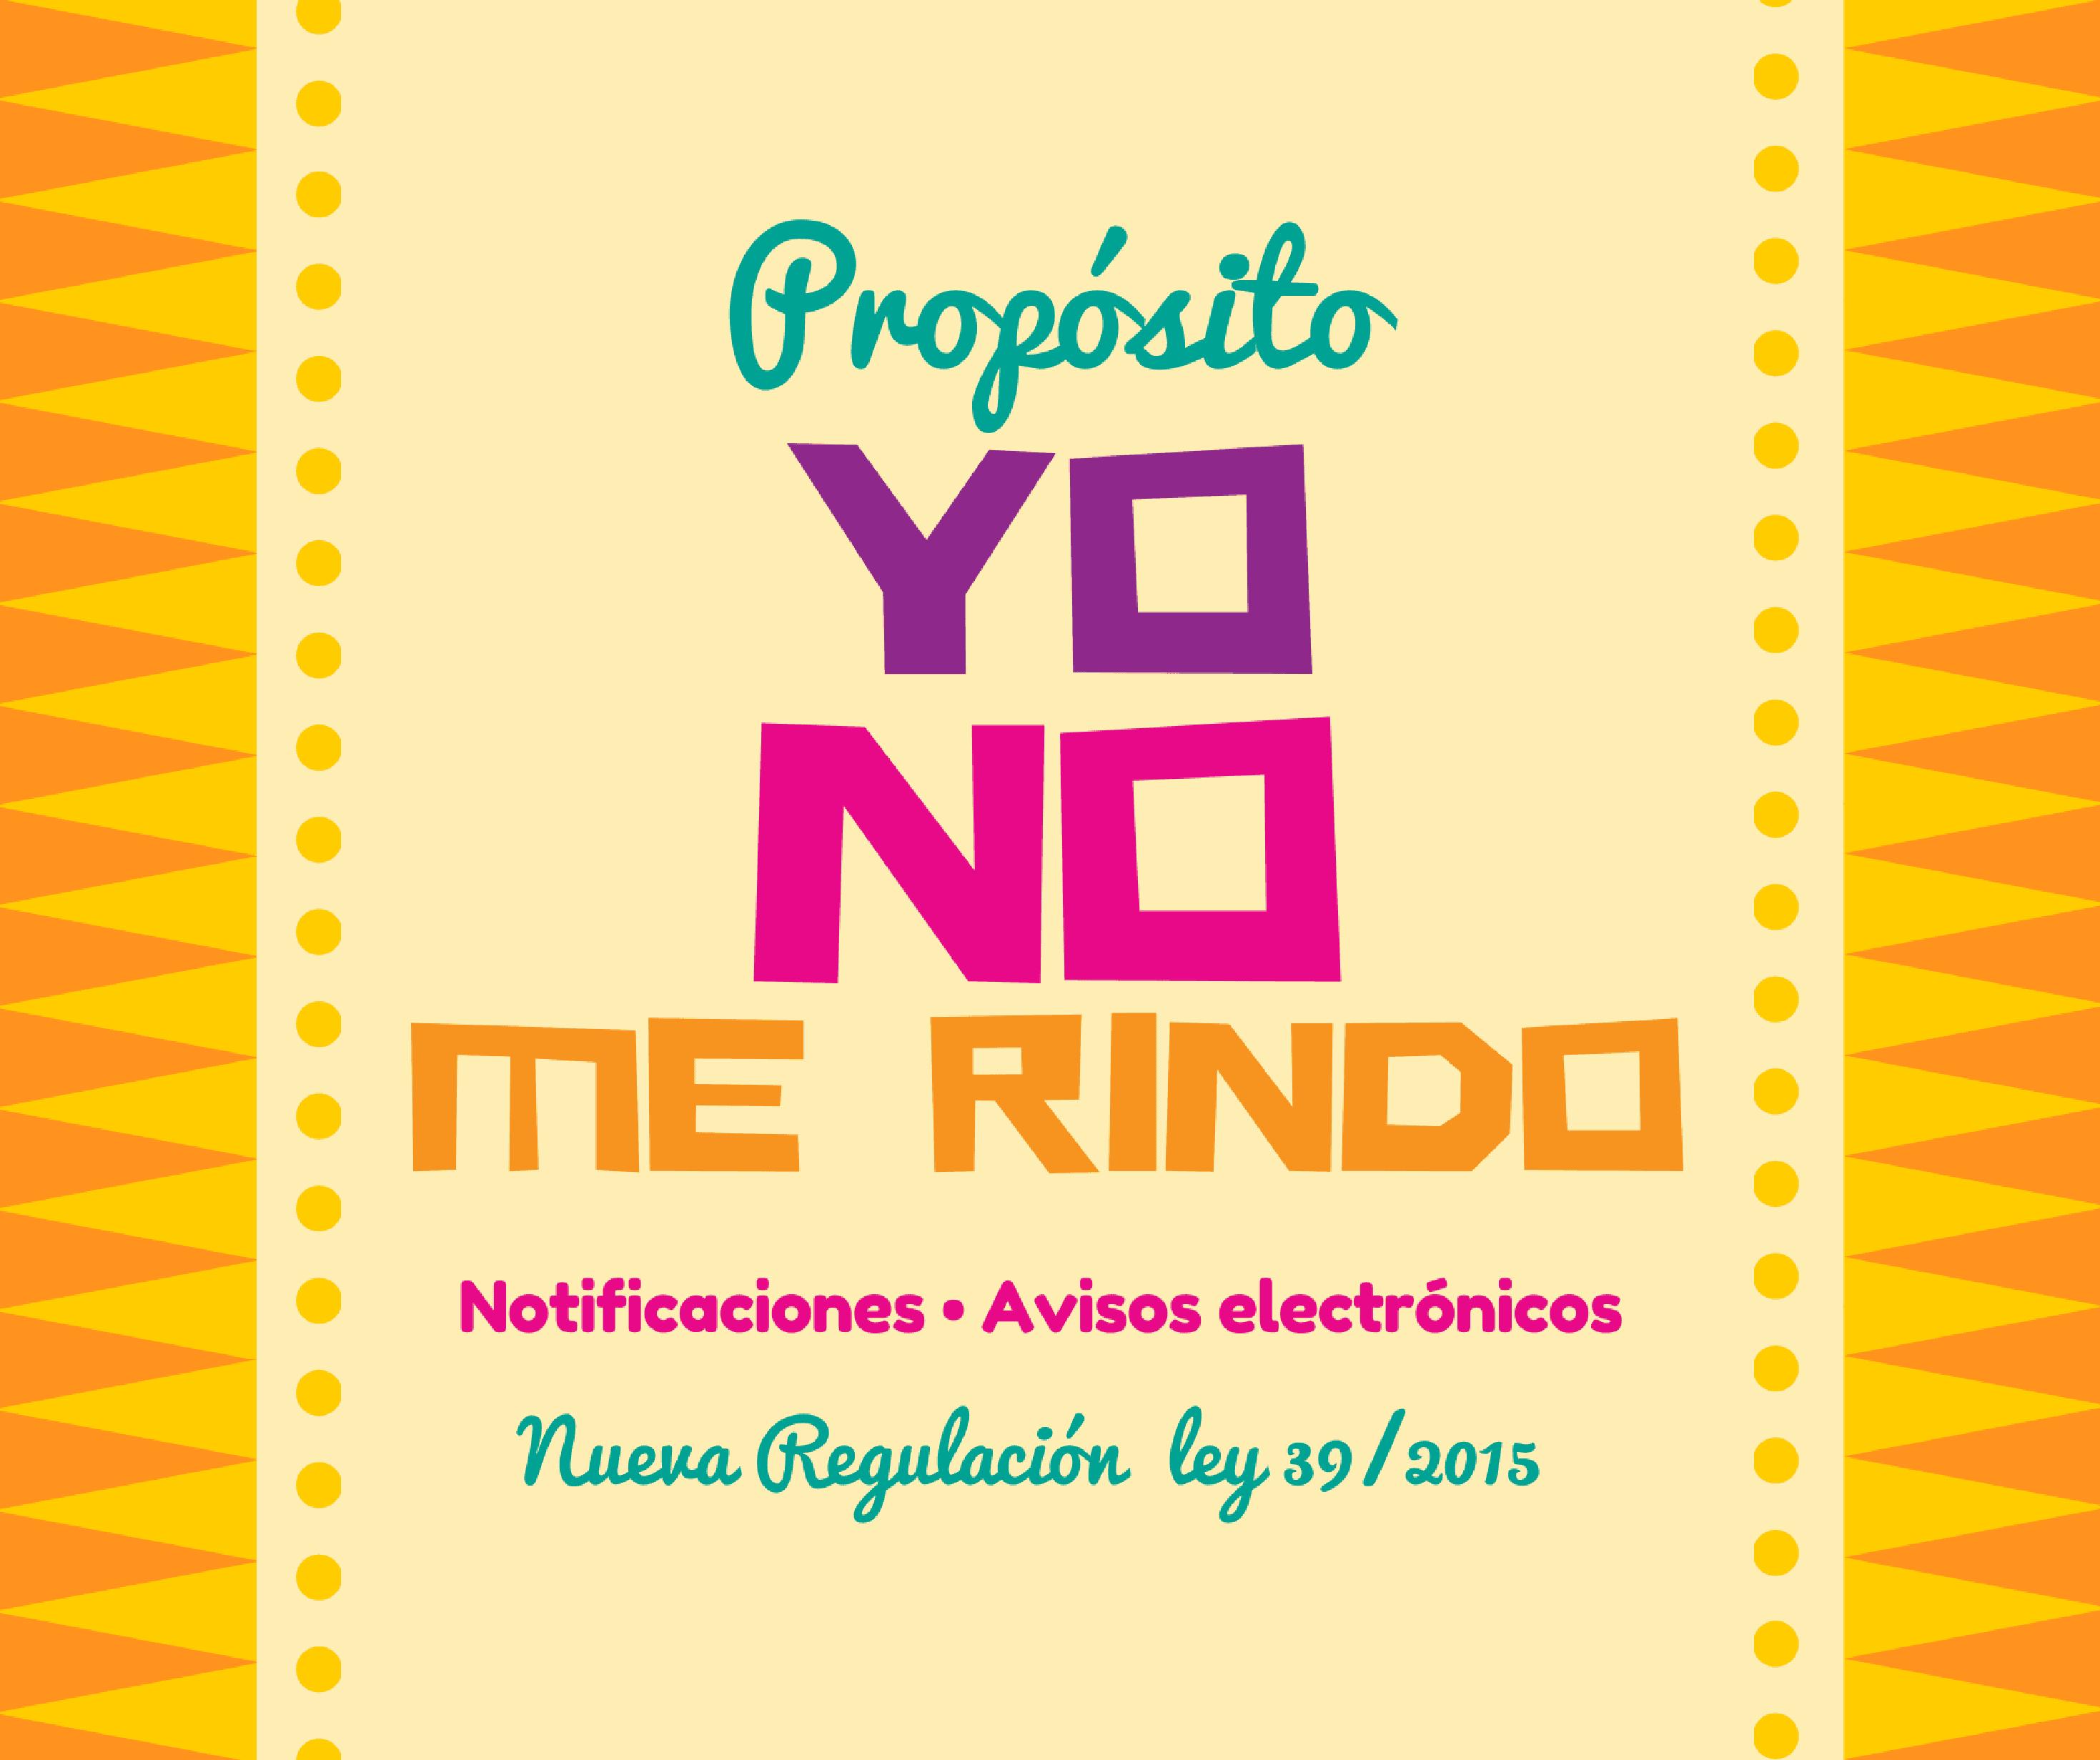 A Propósito De Las Notificaciones Y Avisos Electrónicos!!!!